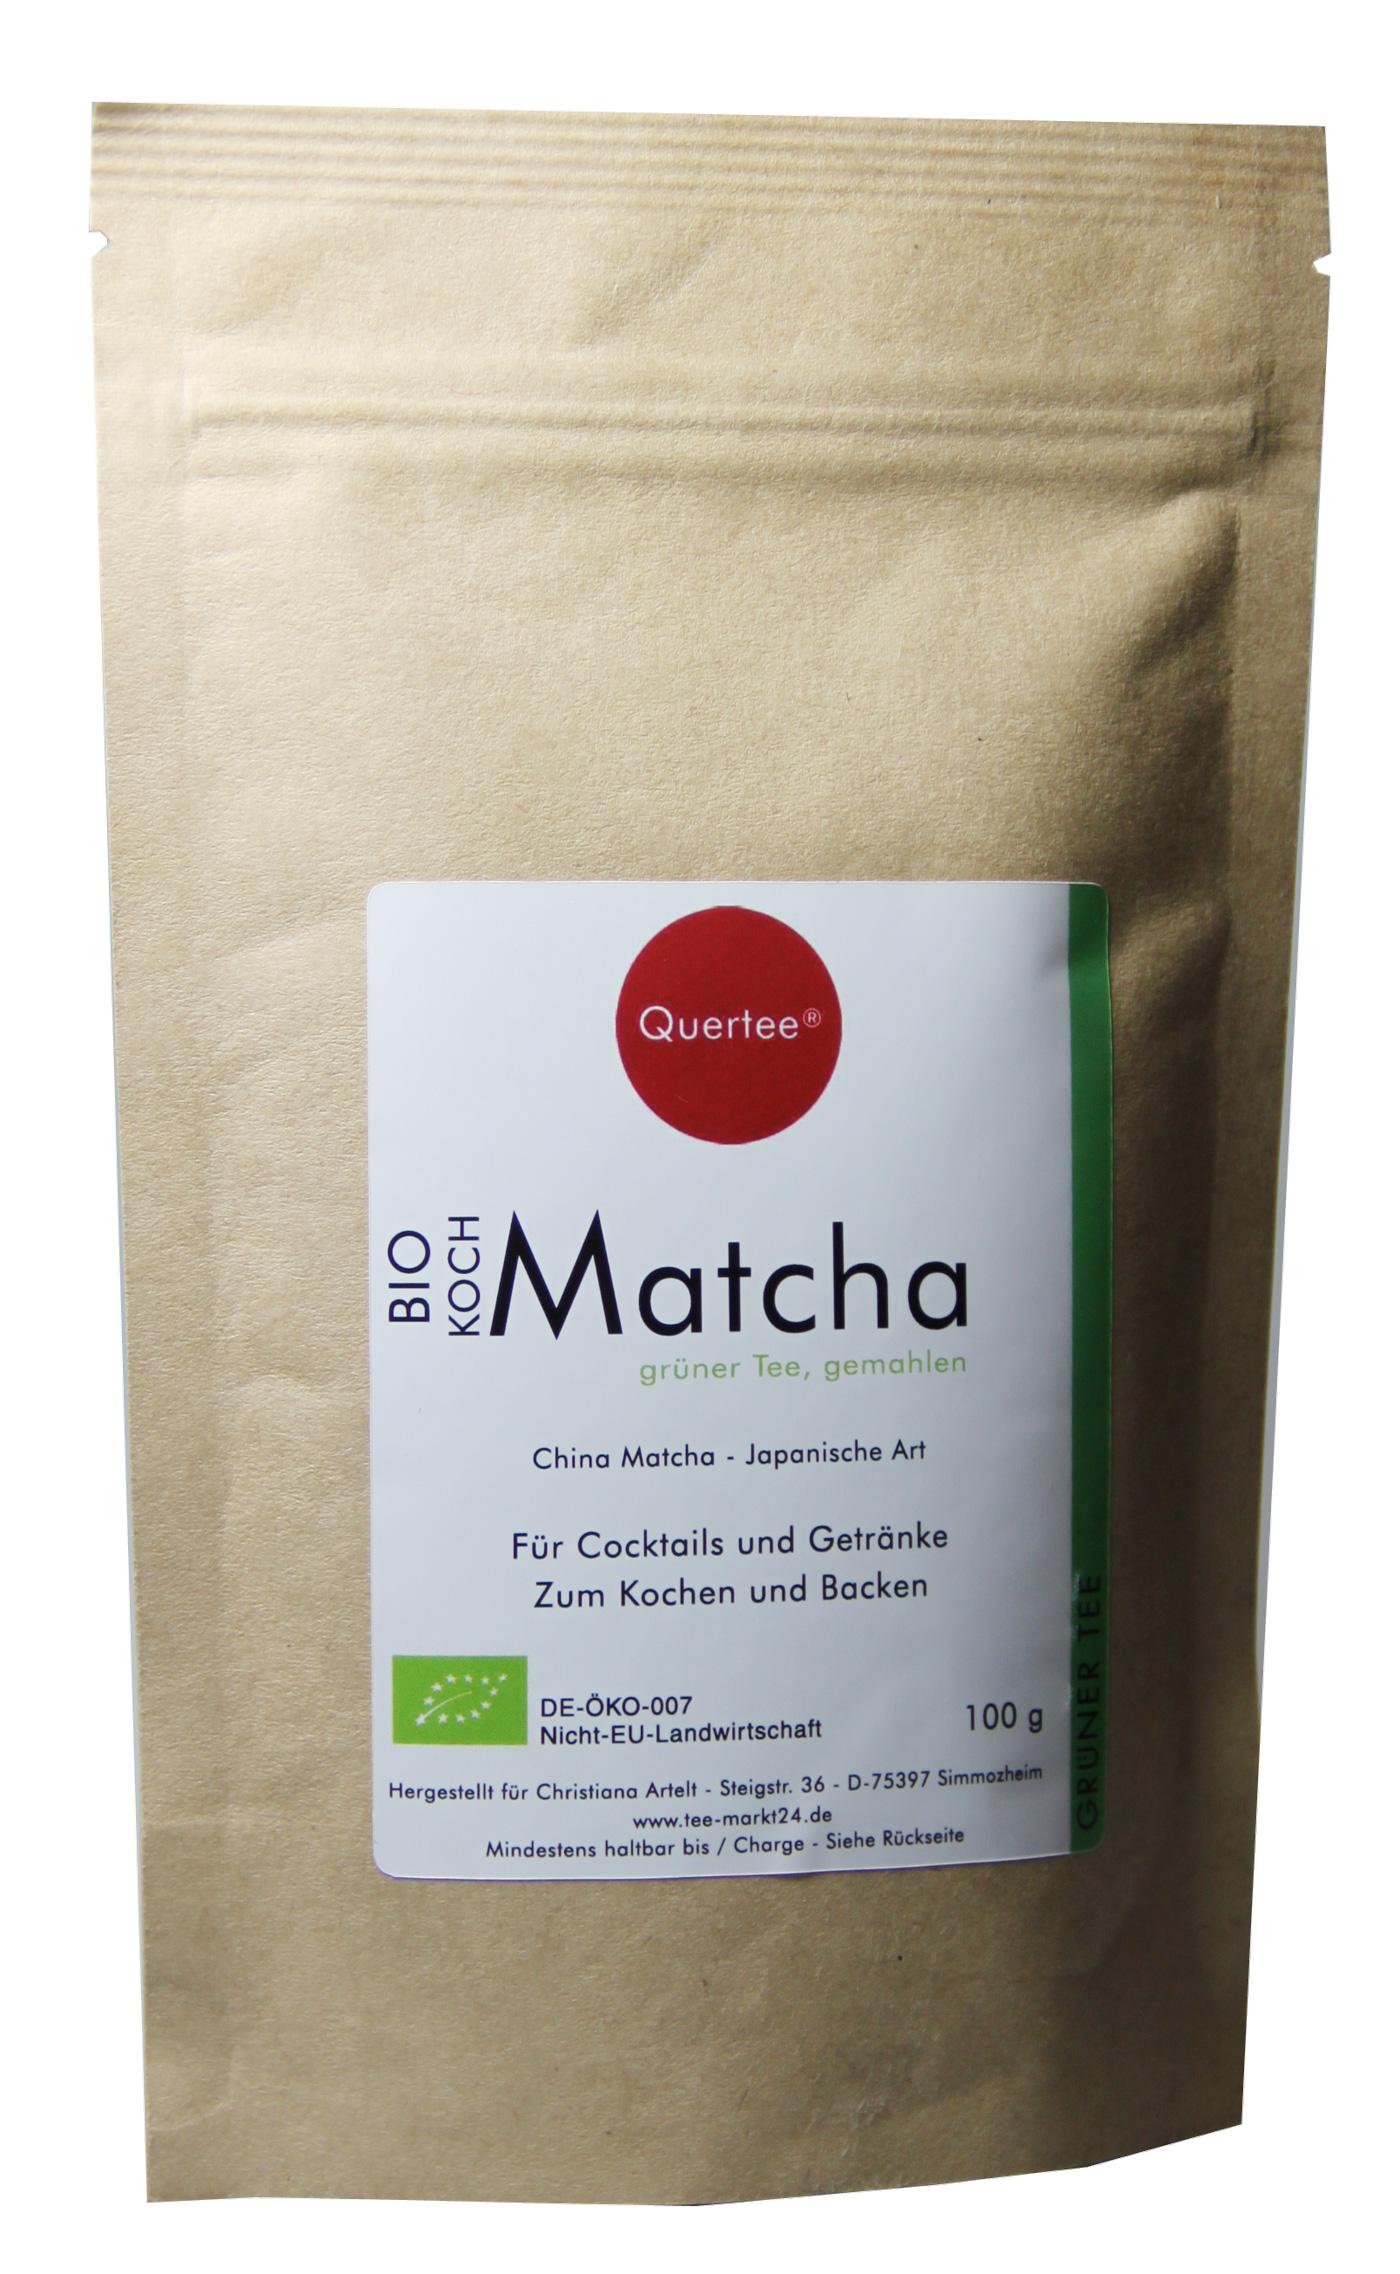 Bio - Kochmatcha - 100 g im Zip-Beutel zum Kochen, Backen, Cocktails von Quertee®